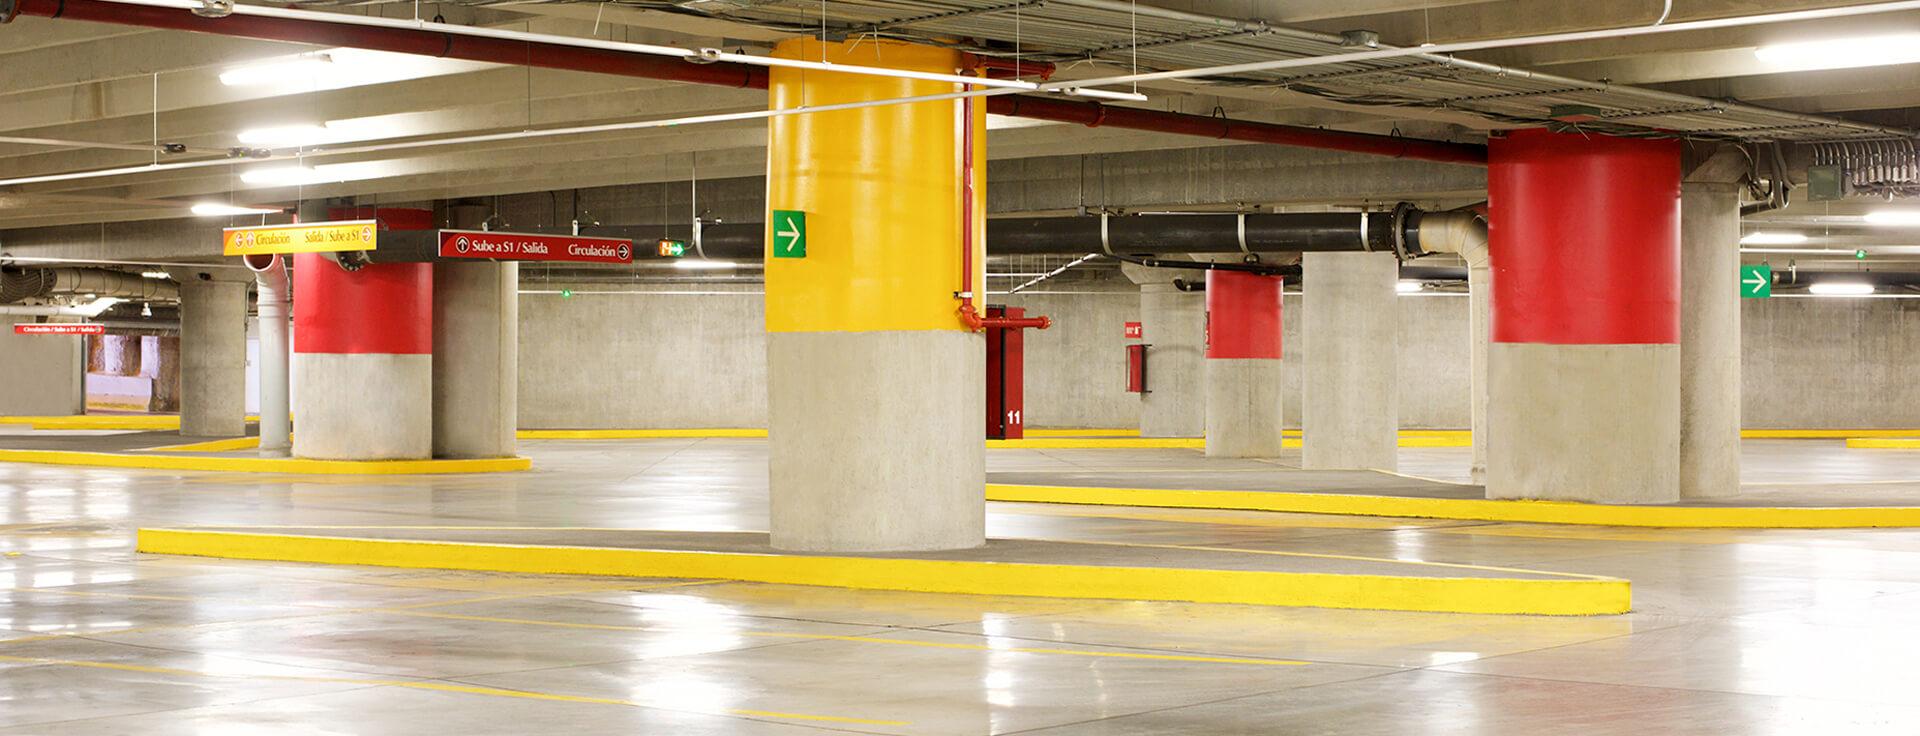 Eon parking caso de estudio andares for Rentabilidad parking